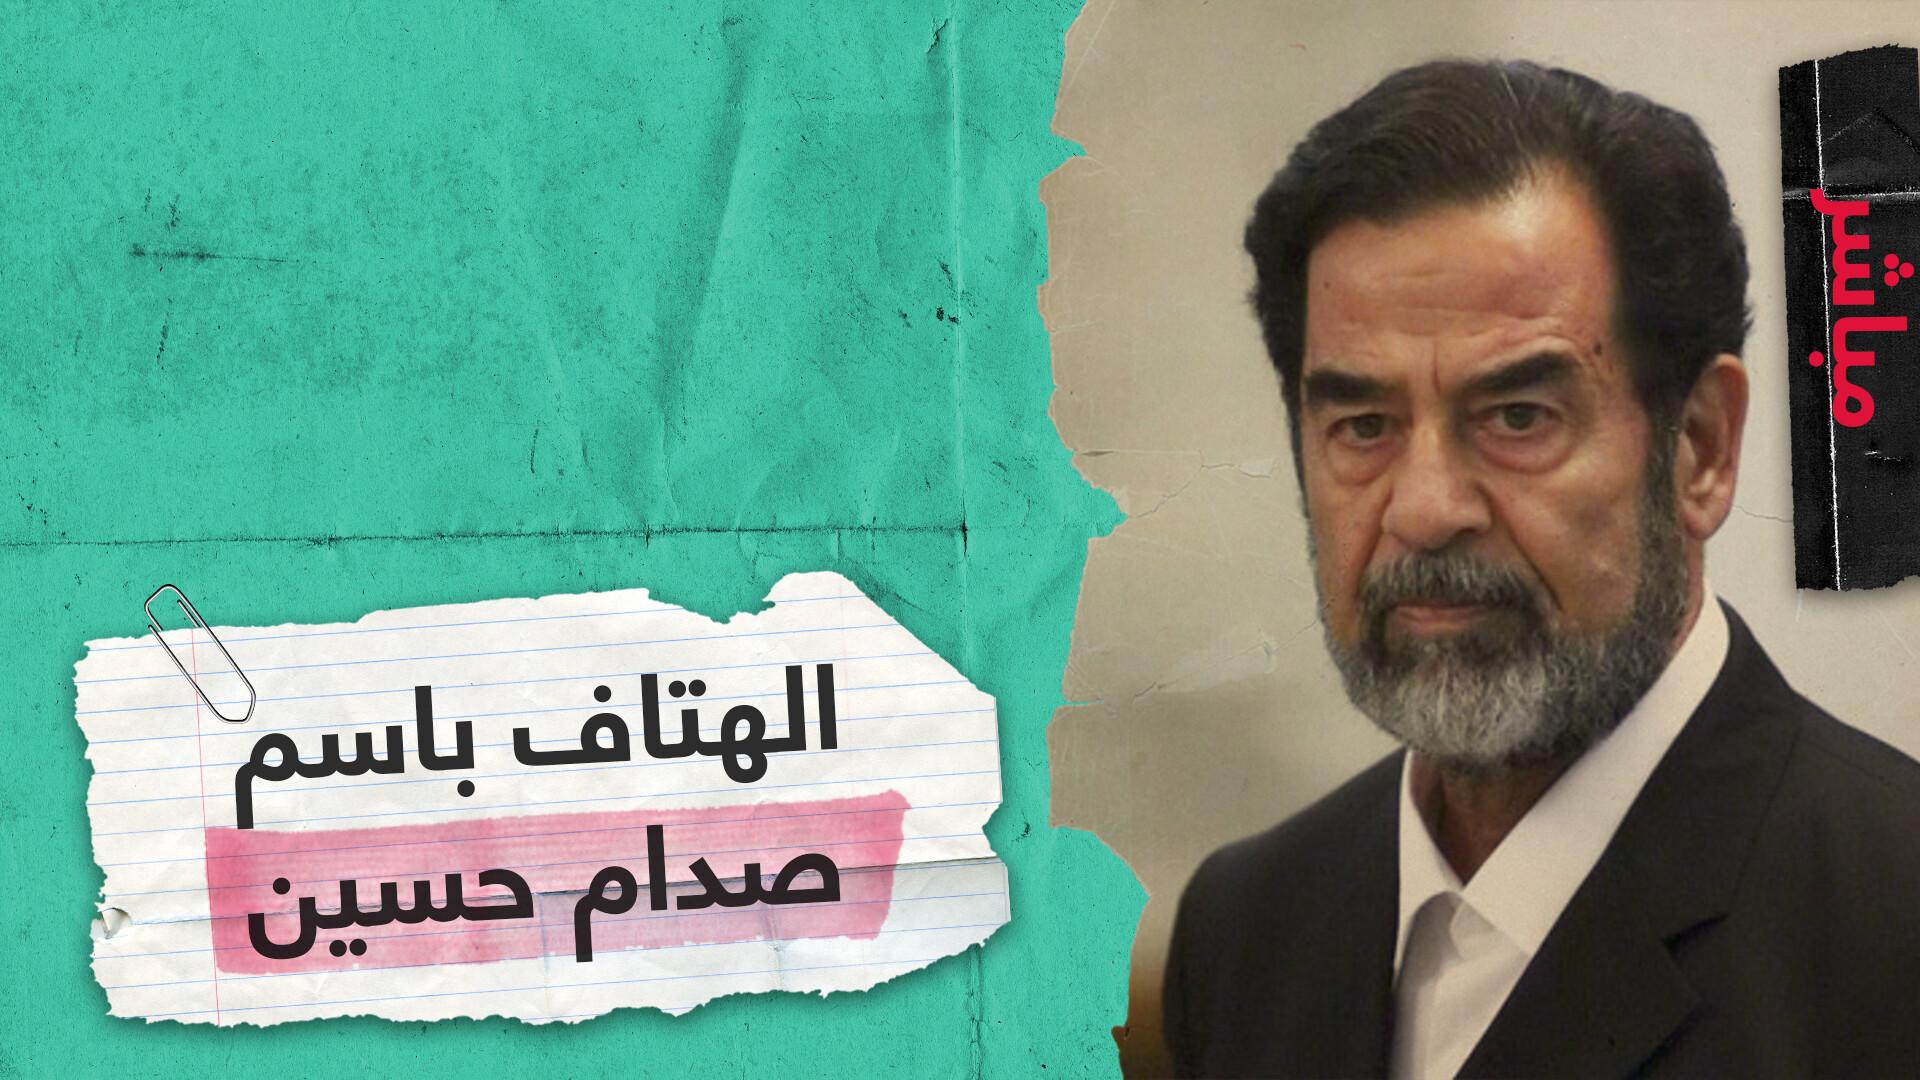 الهتاف باسم صدام حسين في مباراة الأردن والكويت